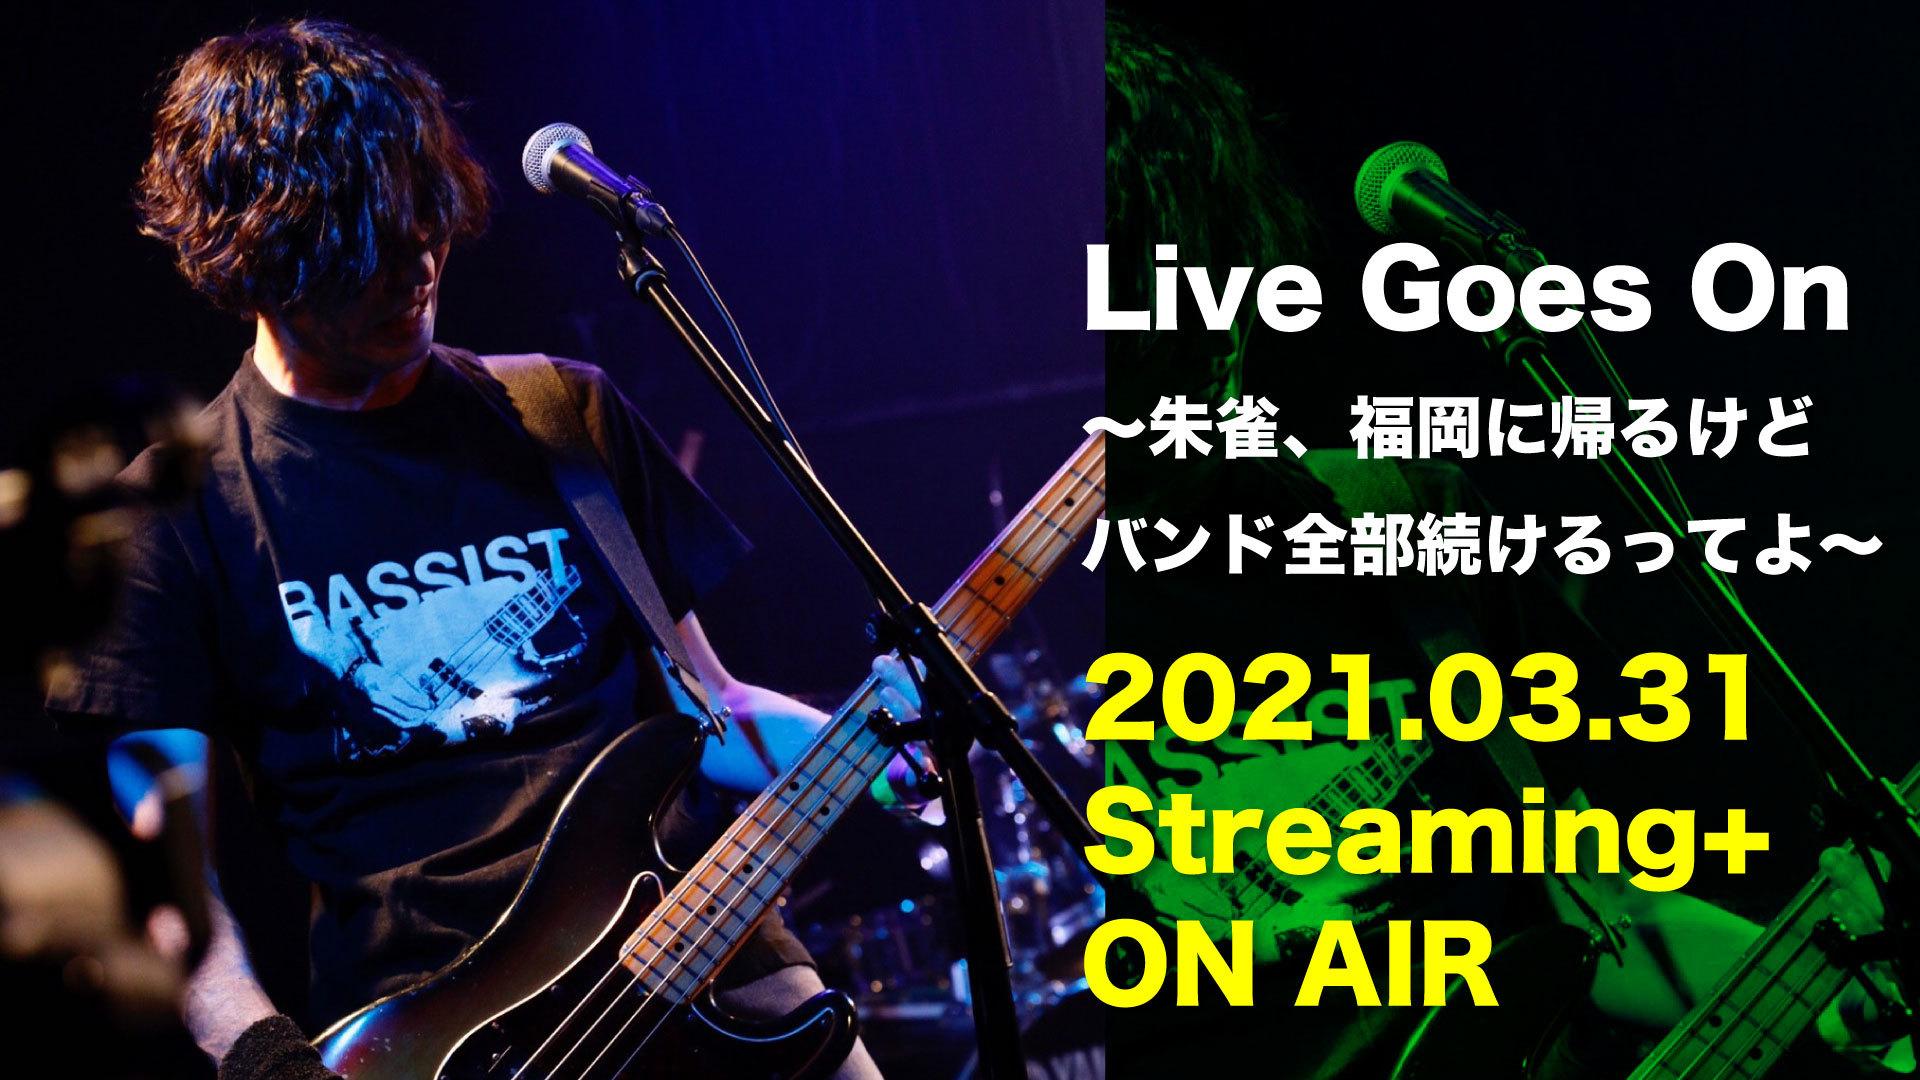 『Live Goes On~朱雀、福岡に帰るけどバンド全部続けるってよ~』フライヤー